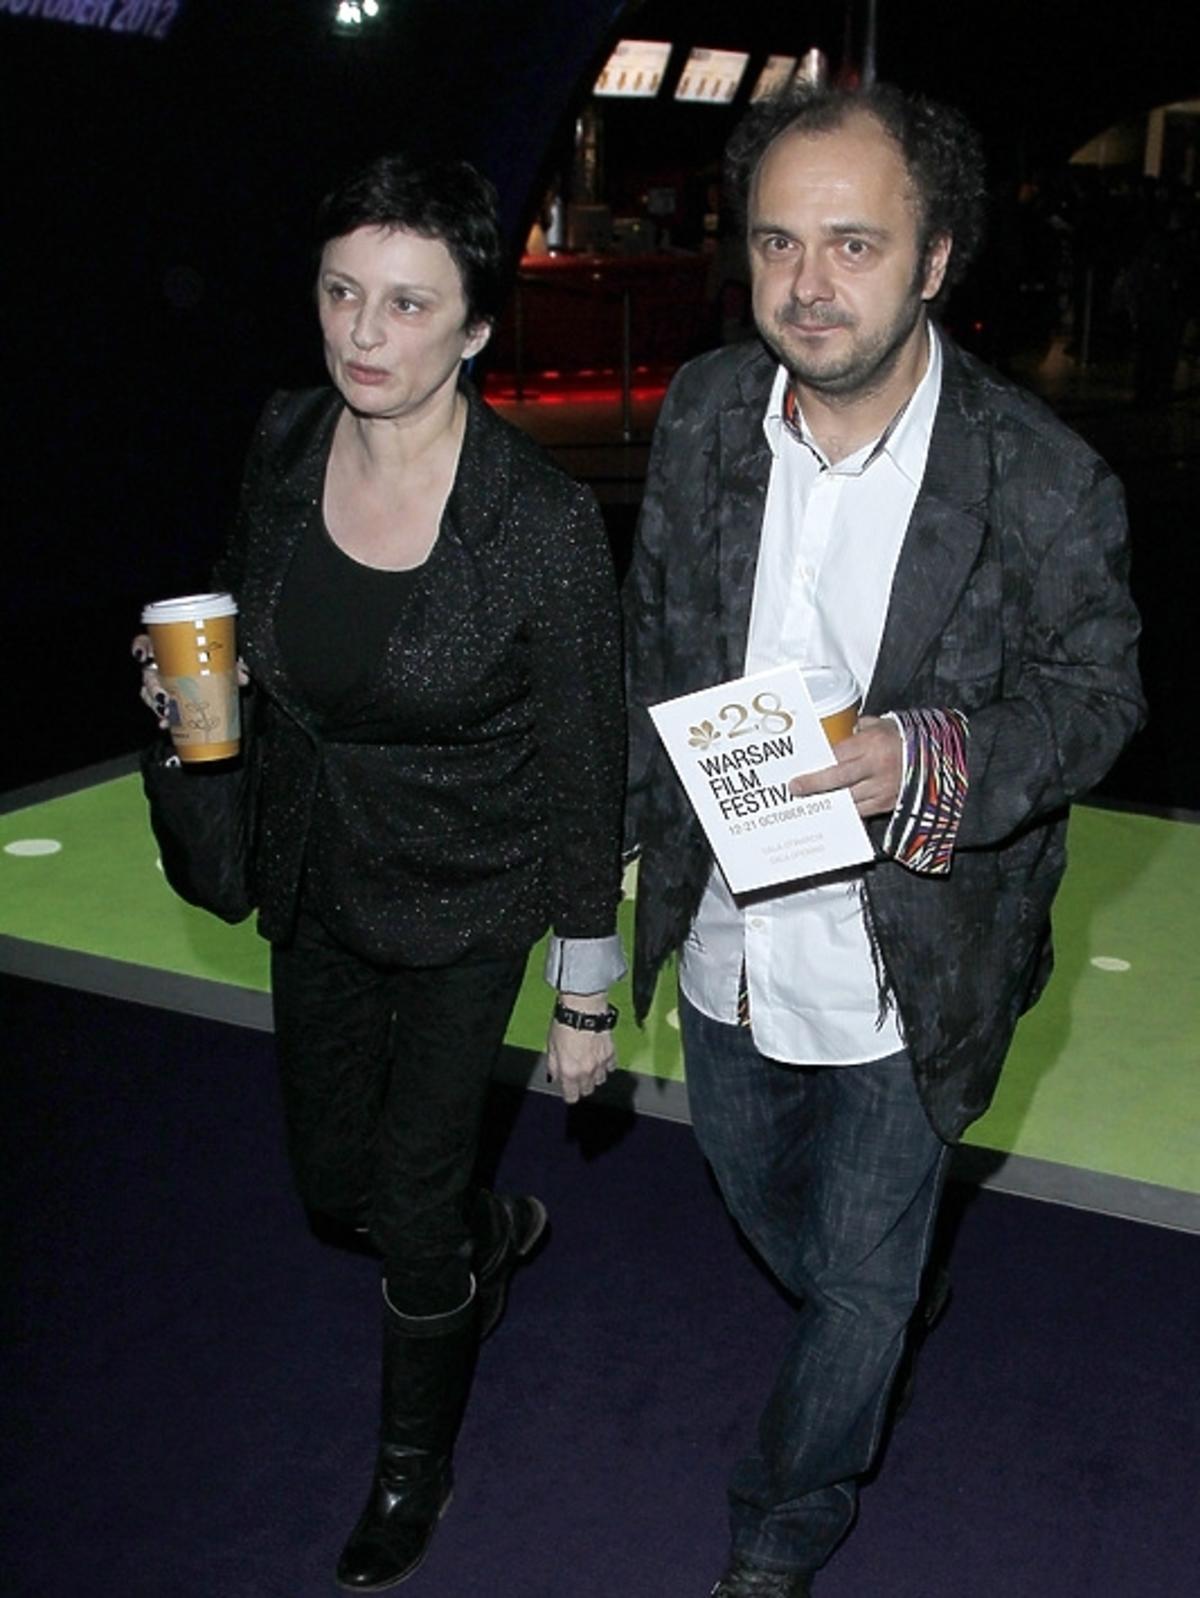 Arkadiusz Jakubik i Agnieszka Matysiak na otwarciu Warszawskiego Festiwalu Filmowego